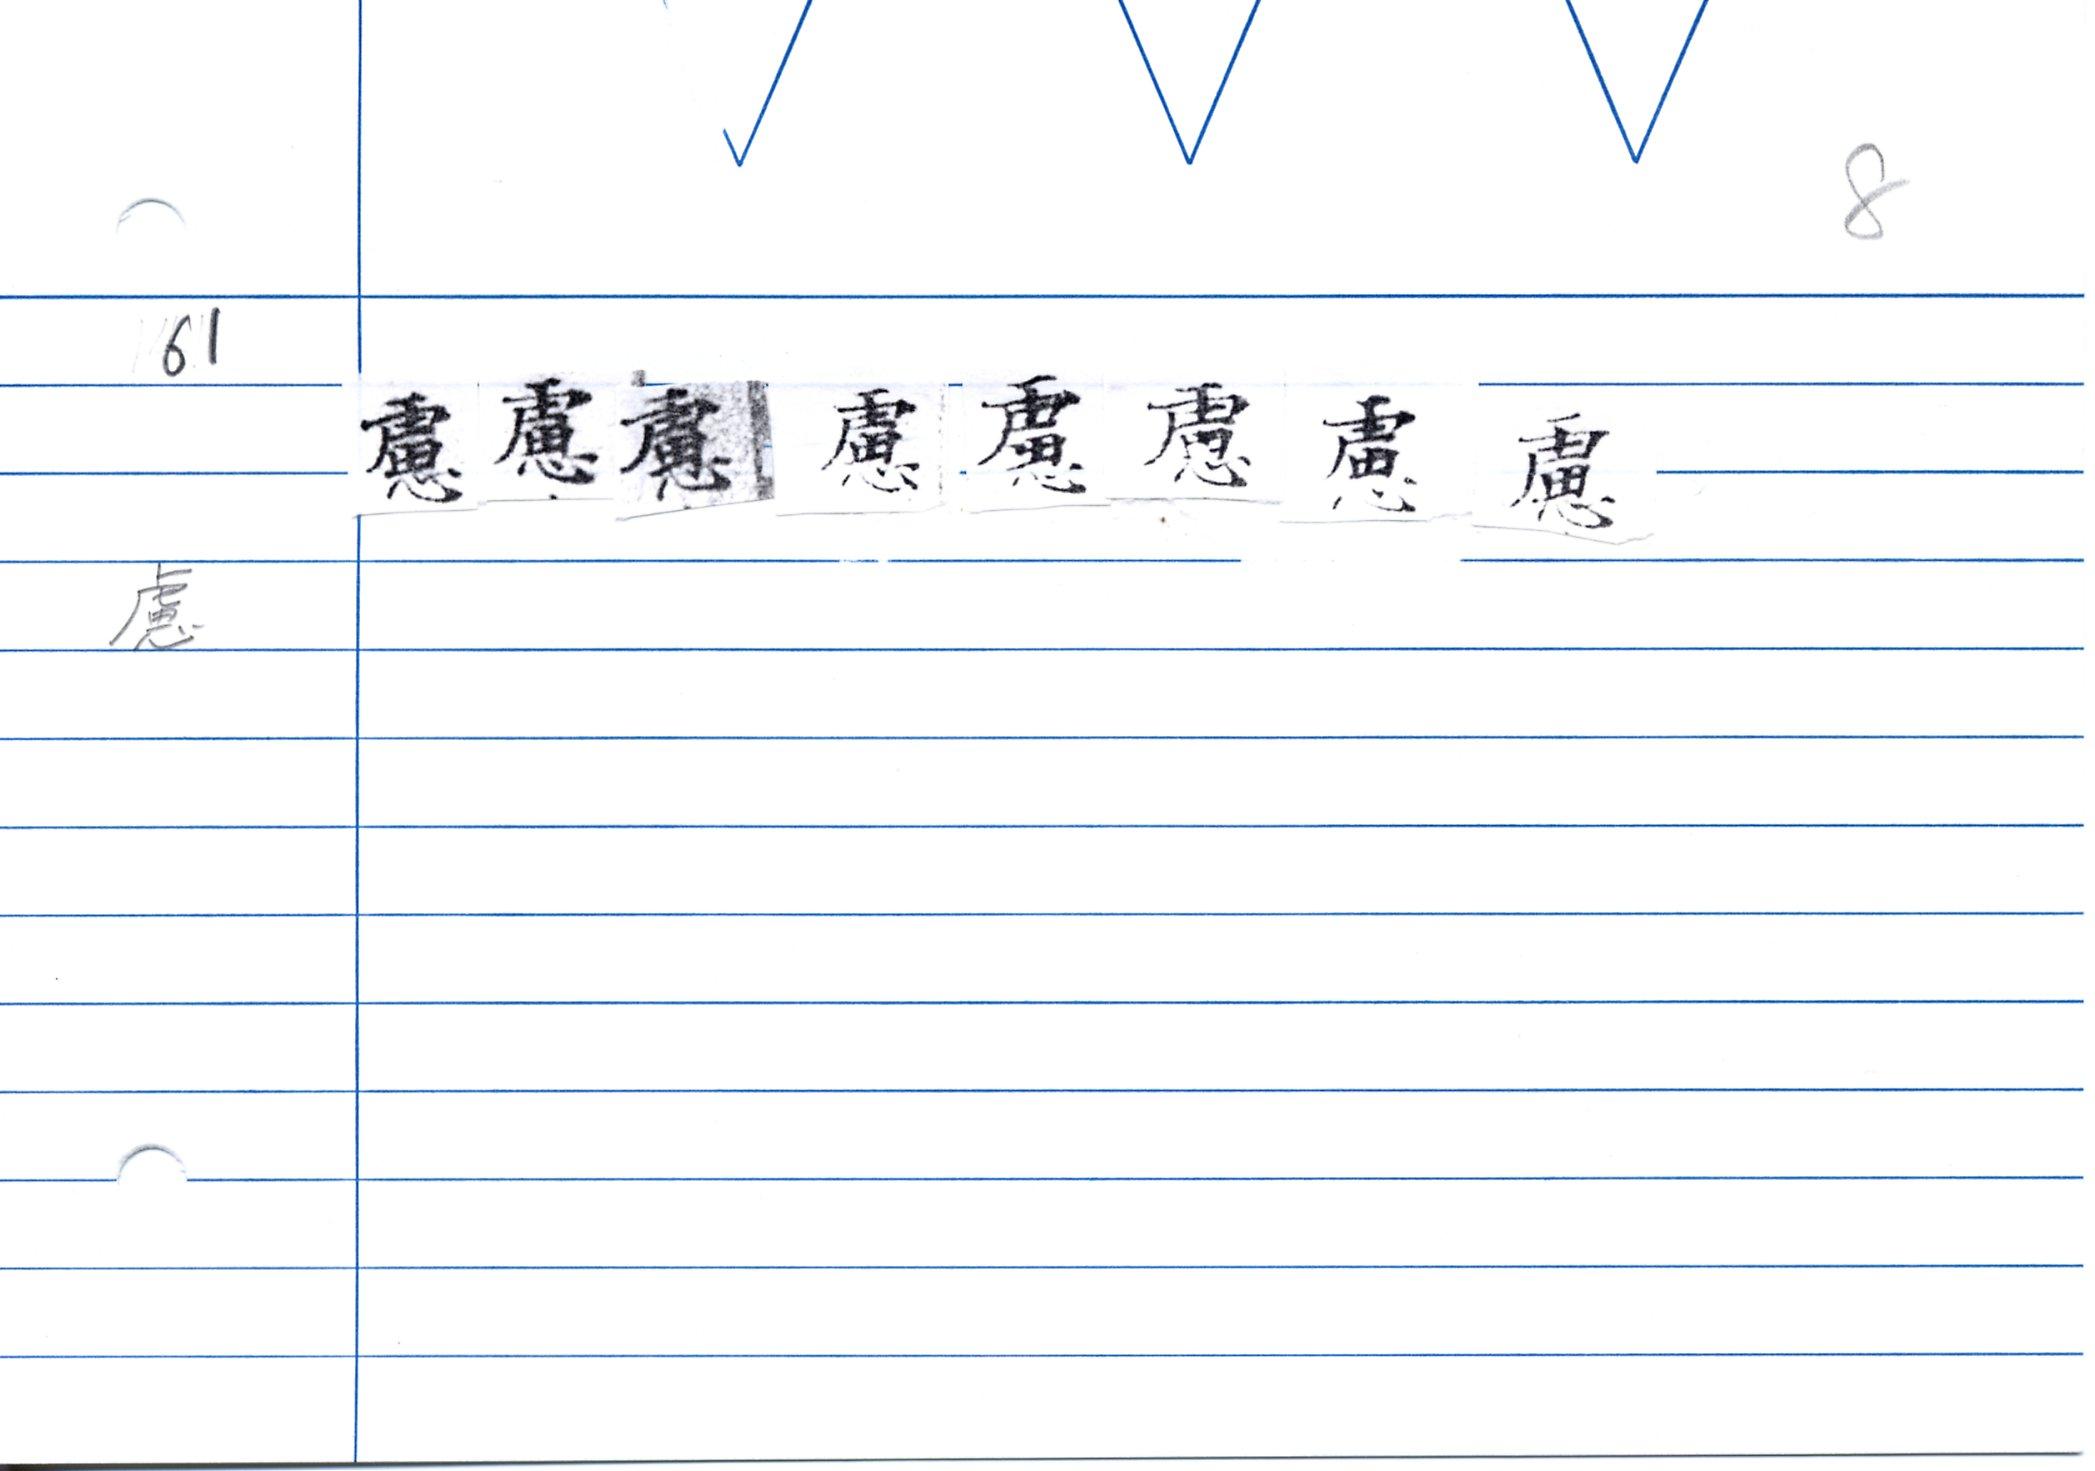 54_大般若經卷二百五十(和銅經)/cards/0091.JPG